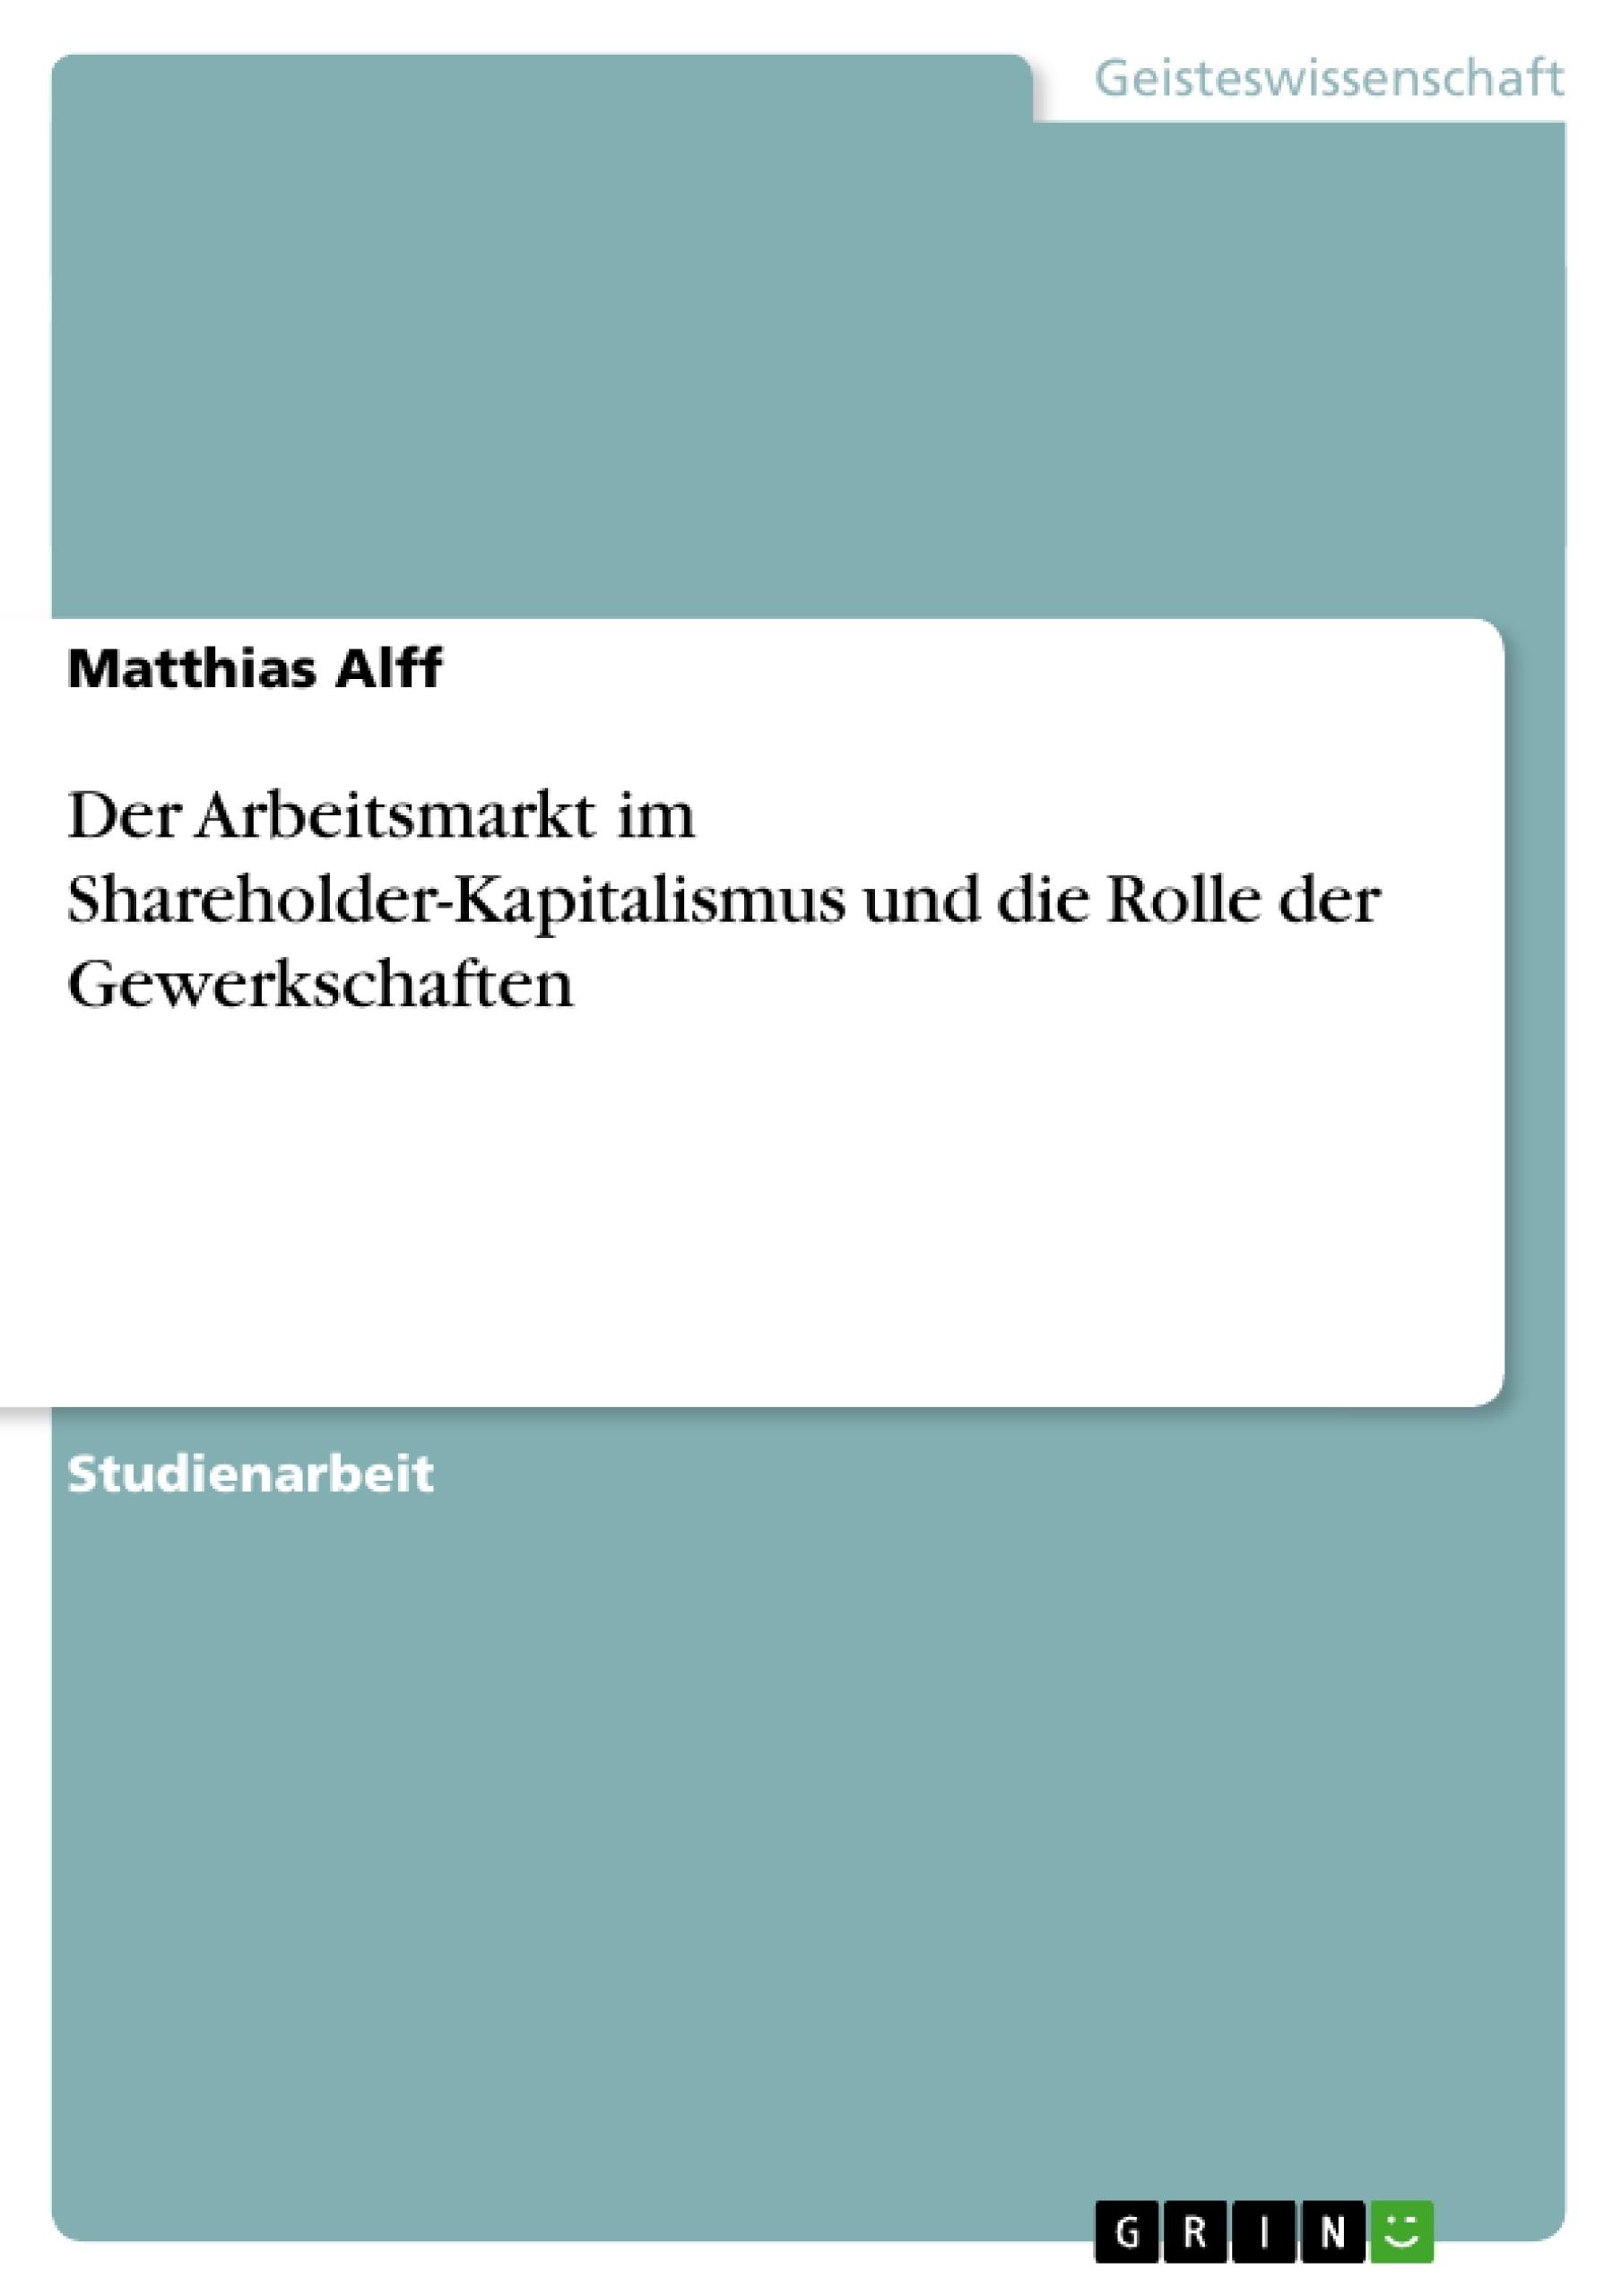 Titel: Der Arbeitsmarkt im Shareholder-Kapitalismus und die Rolle der Gewerkschaften